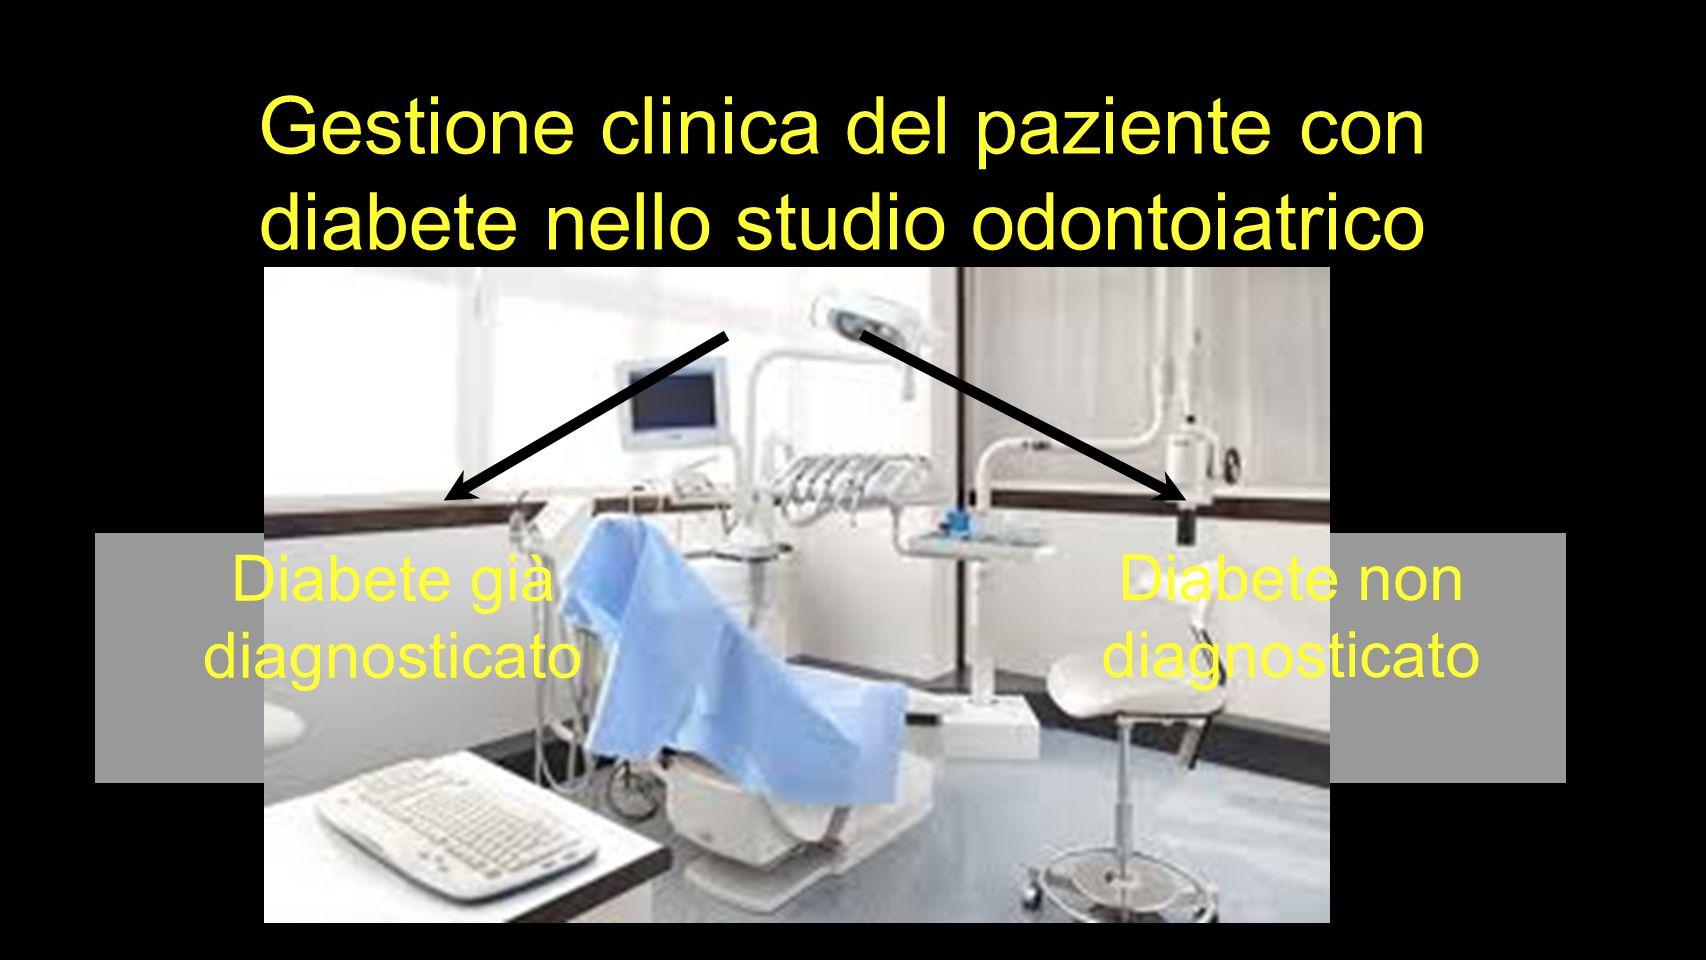 Diabete già diagnosticato Diabete non diagnosticato Gestione clinica del paziente con diabete nello studio odontoiatrico